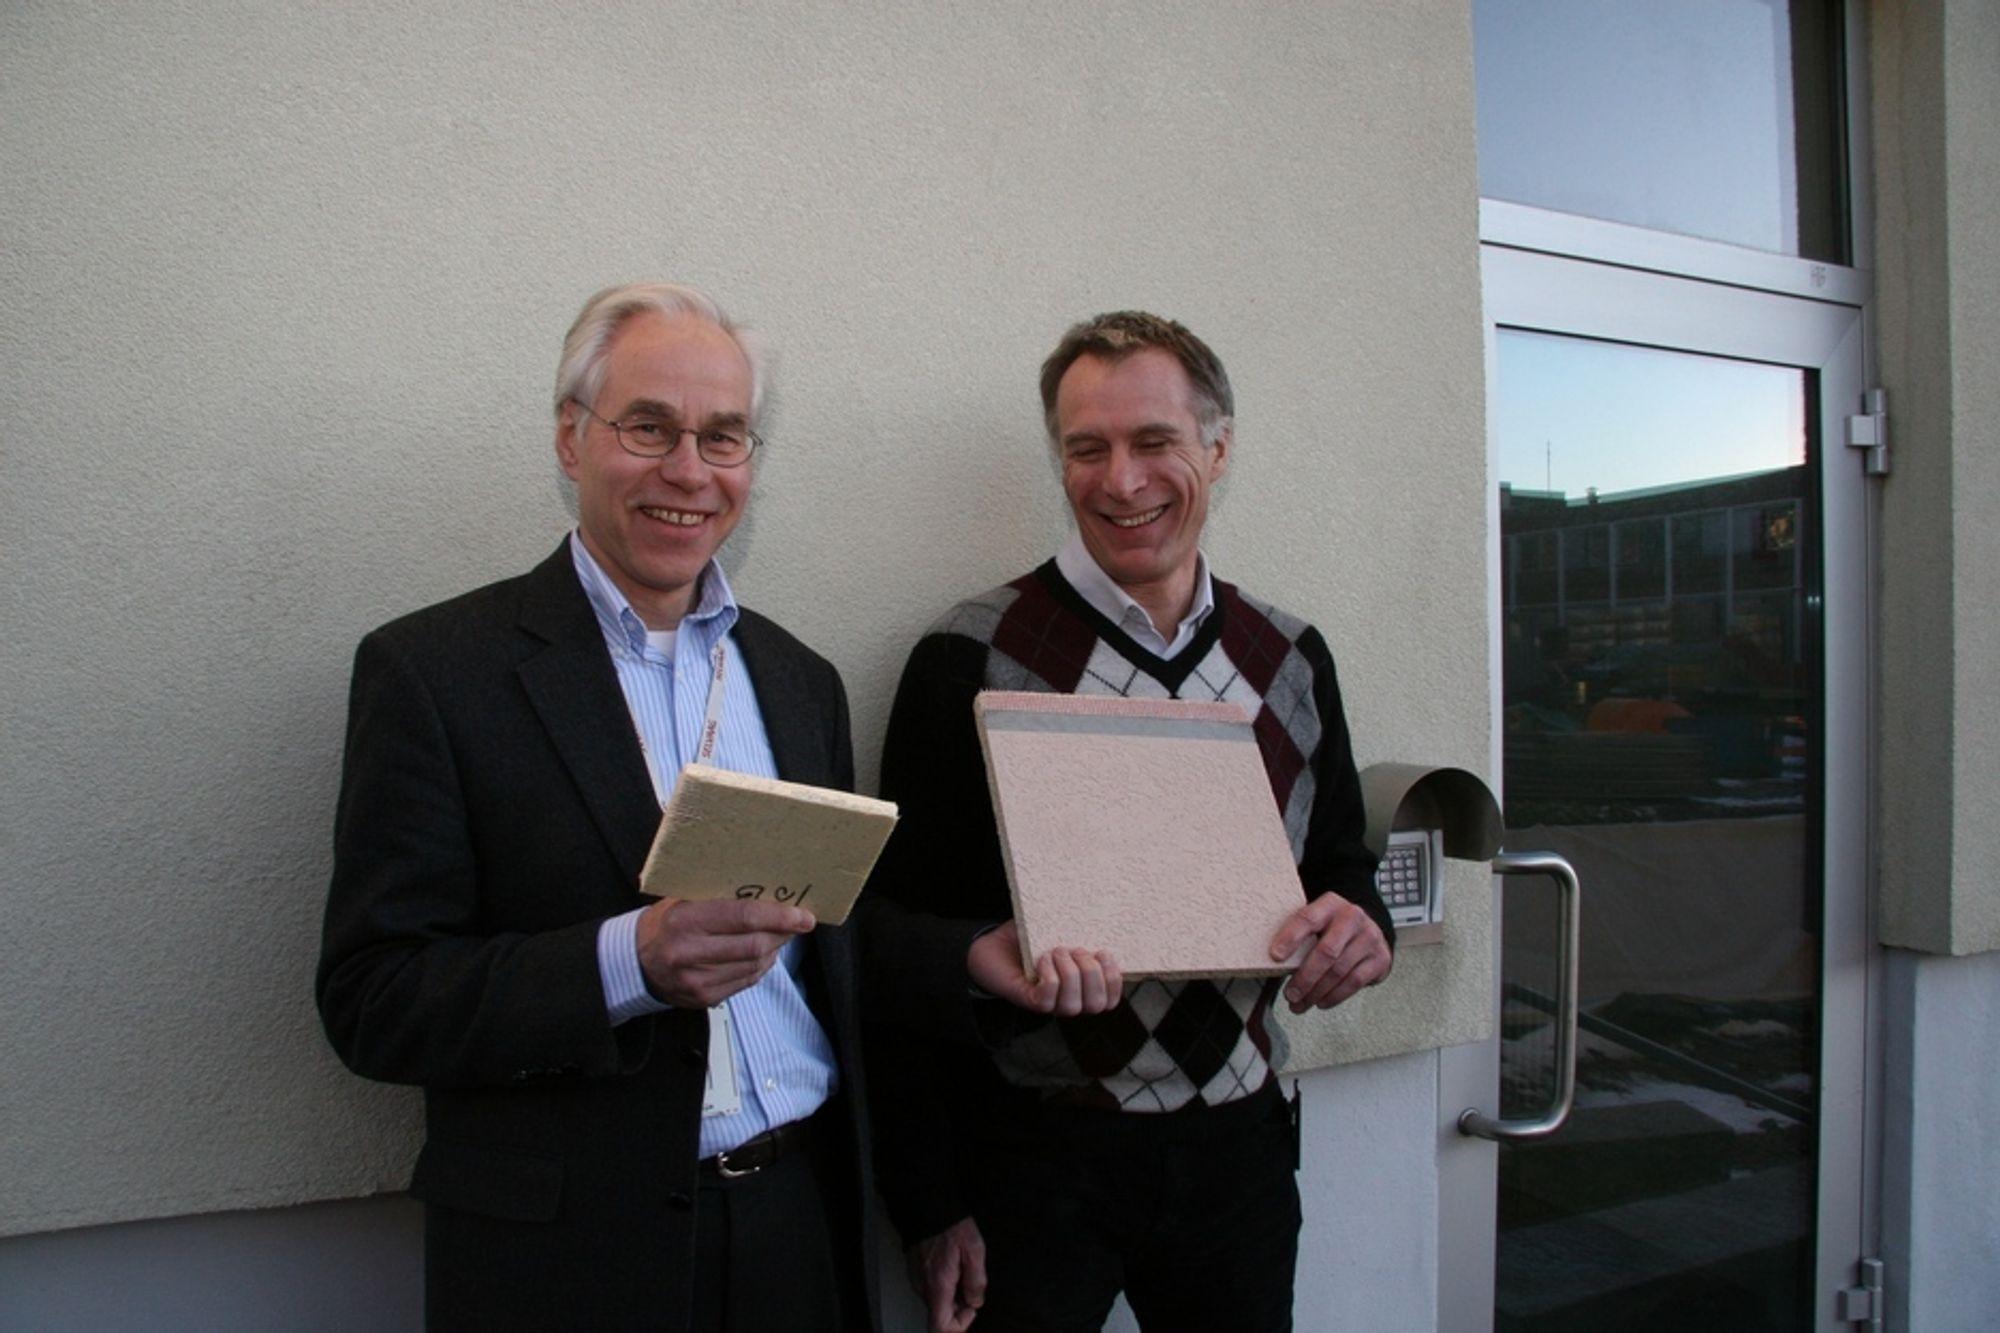 FASADEPLATER: Trond Stensrud, til venstre, og James Berg fremmer innovaasjon og patenter hos Selvaag. Her står de foran selskapets patenterte fasadeplate,med hver sin prøve i hånden.